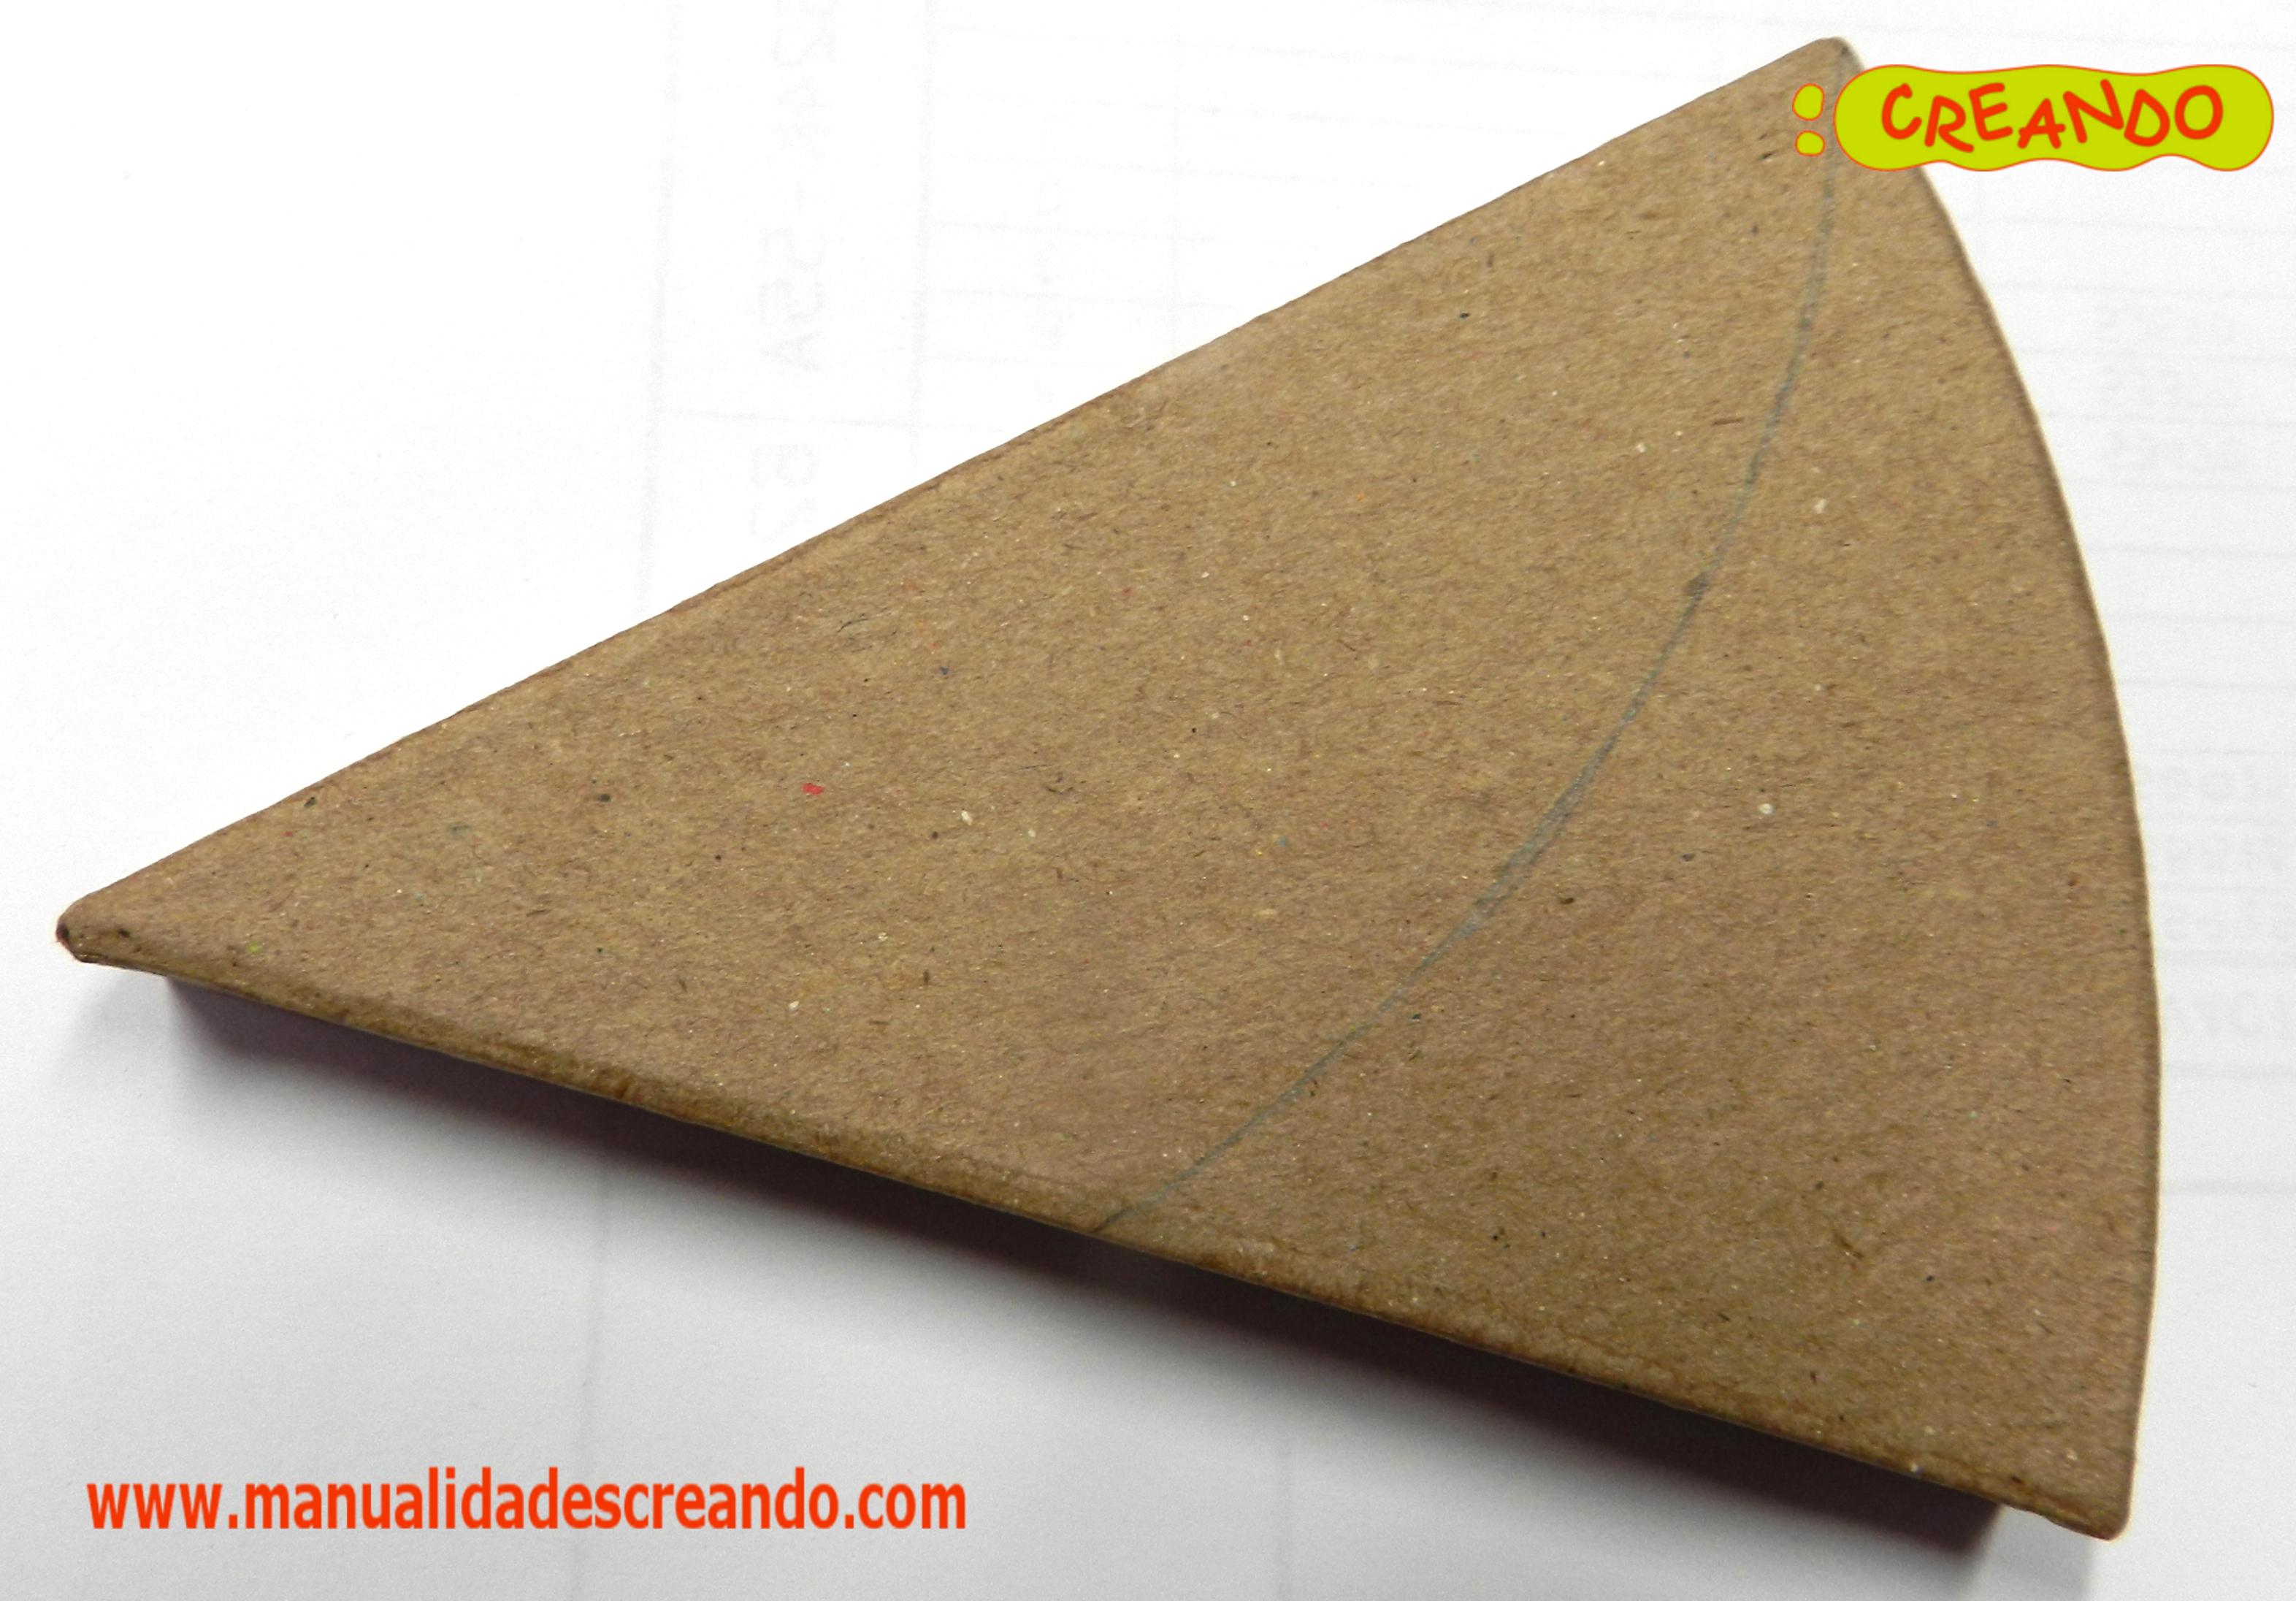 Decora Tu Caja De Cart N Paso A Paso Manualidades Creando ~ Cajas De Carton Decorativas Grandes